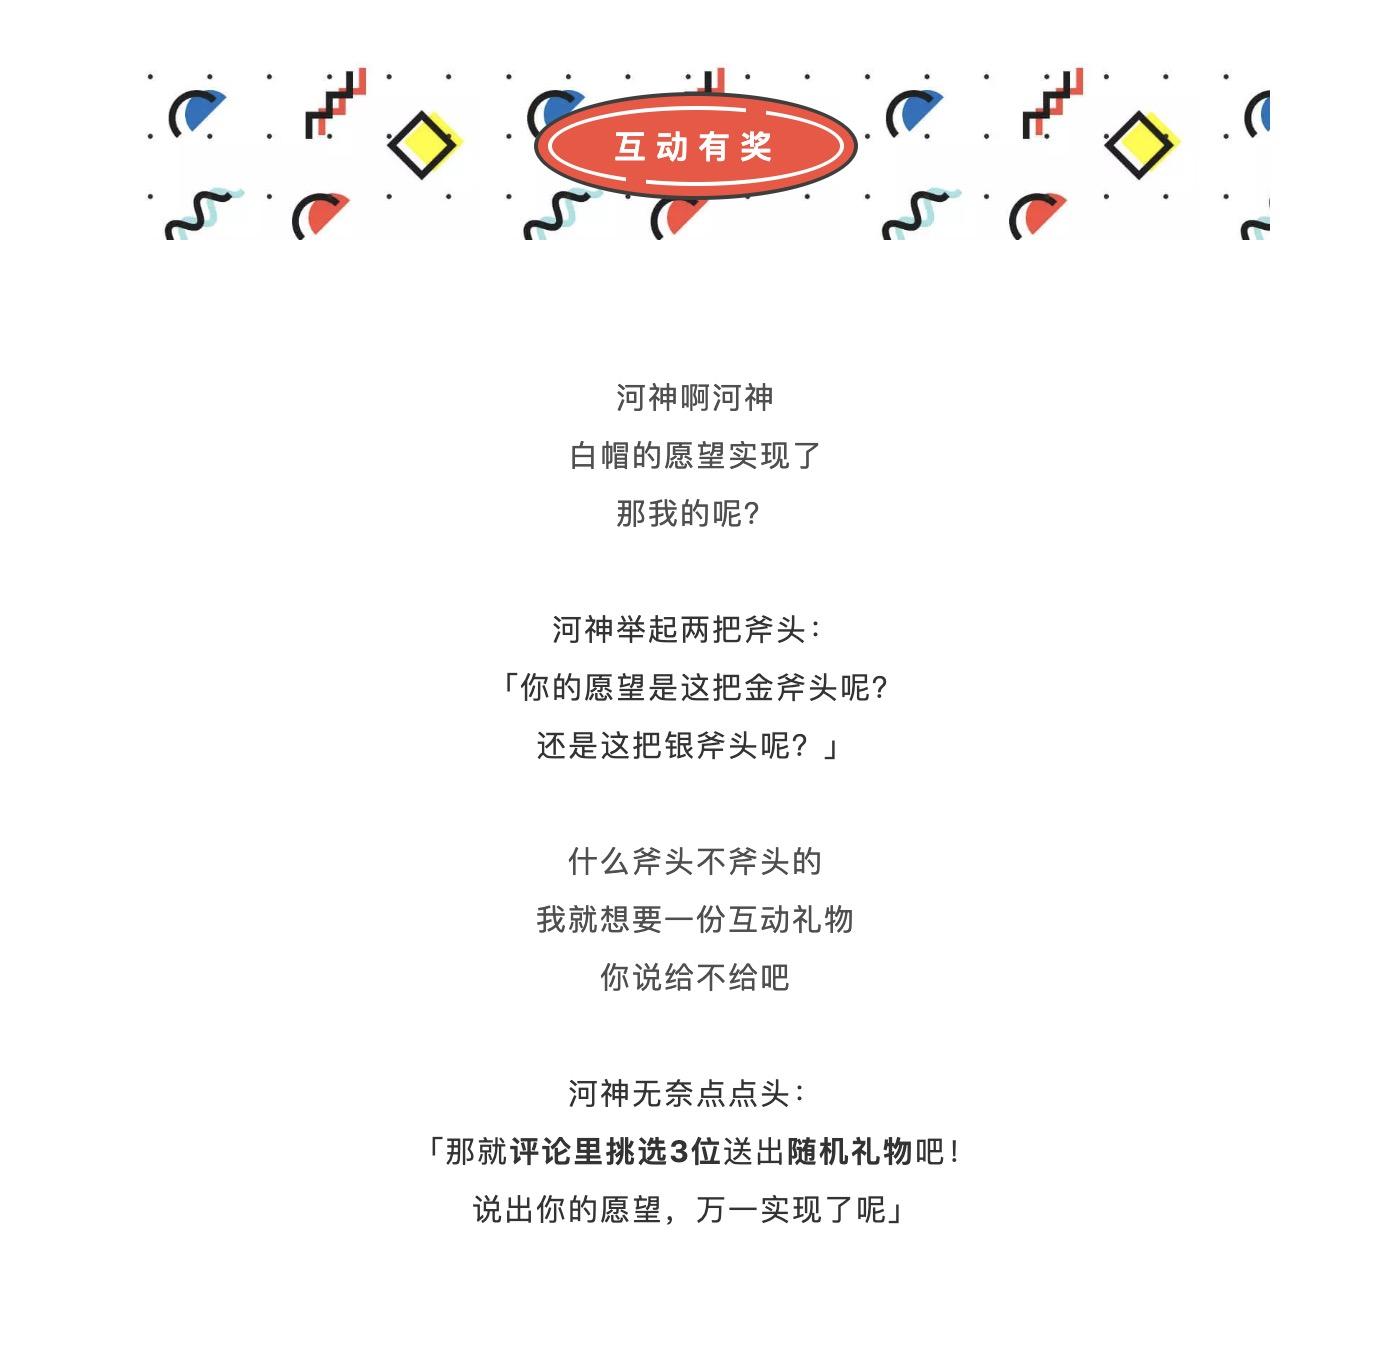 https://momo-mmsrc.oss-cn-hangzhou.aliyuncs.com/img-1d866813-7ee2-3871-84ff-3e44c4d66e9f.jpeg